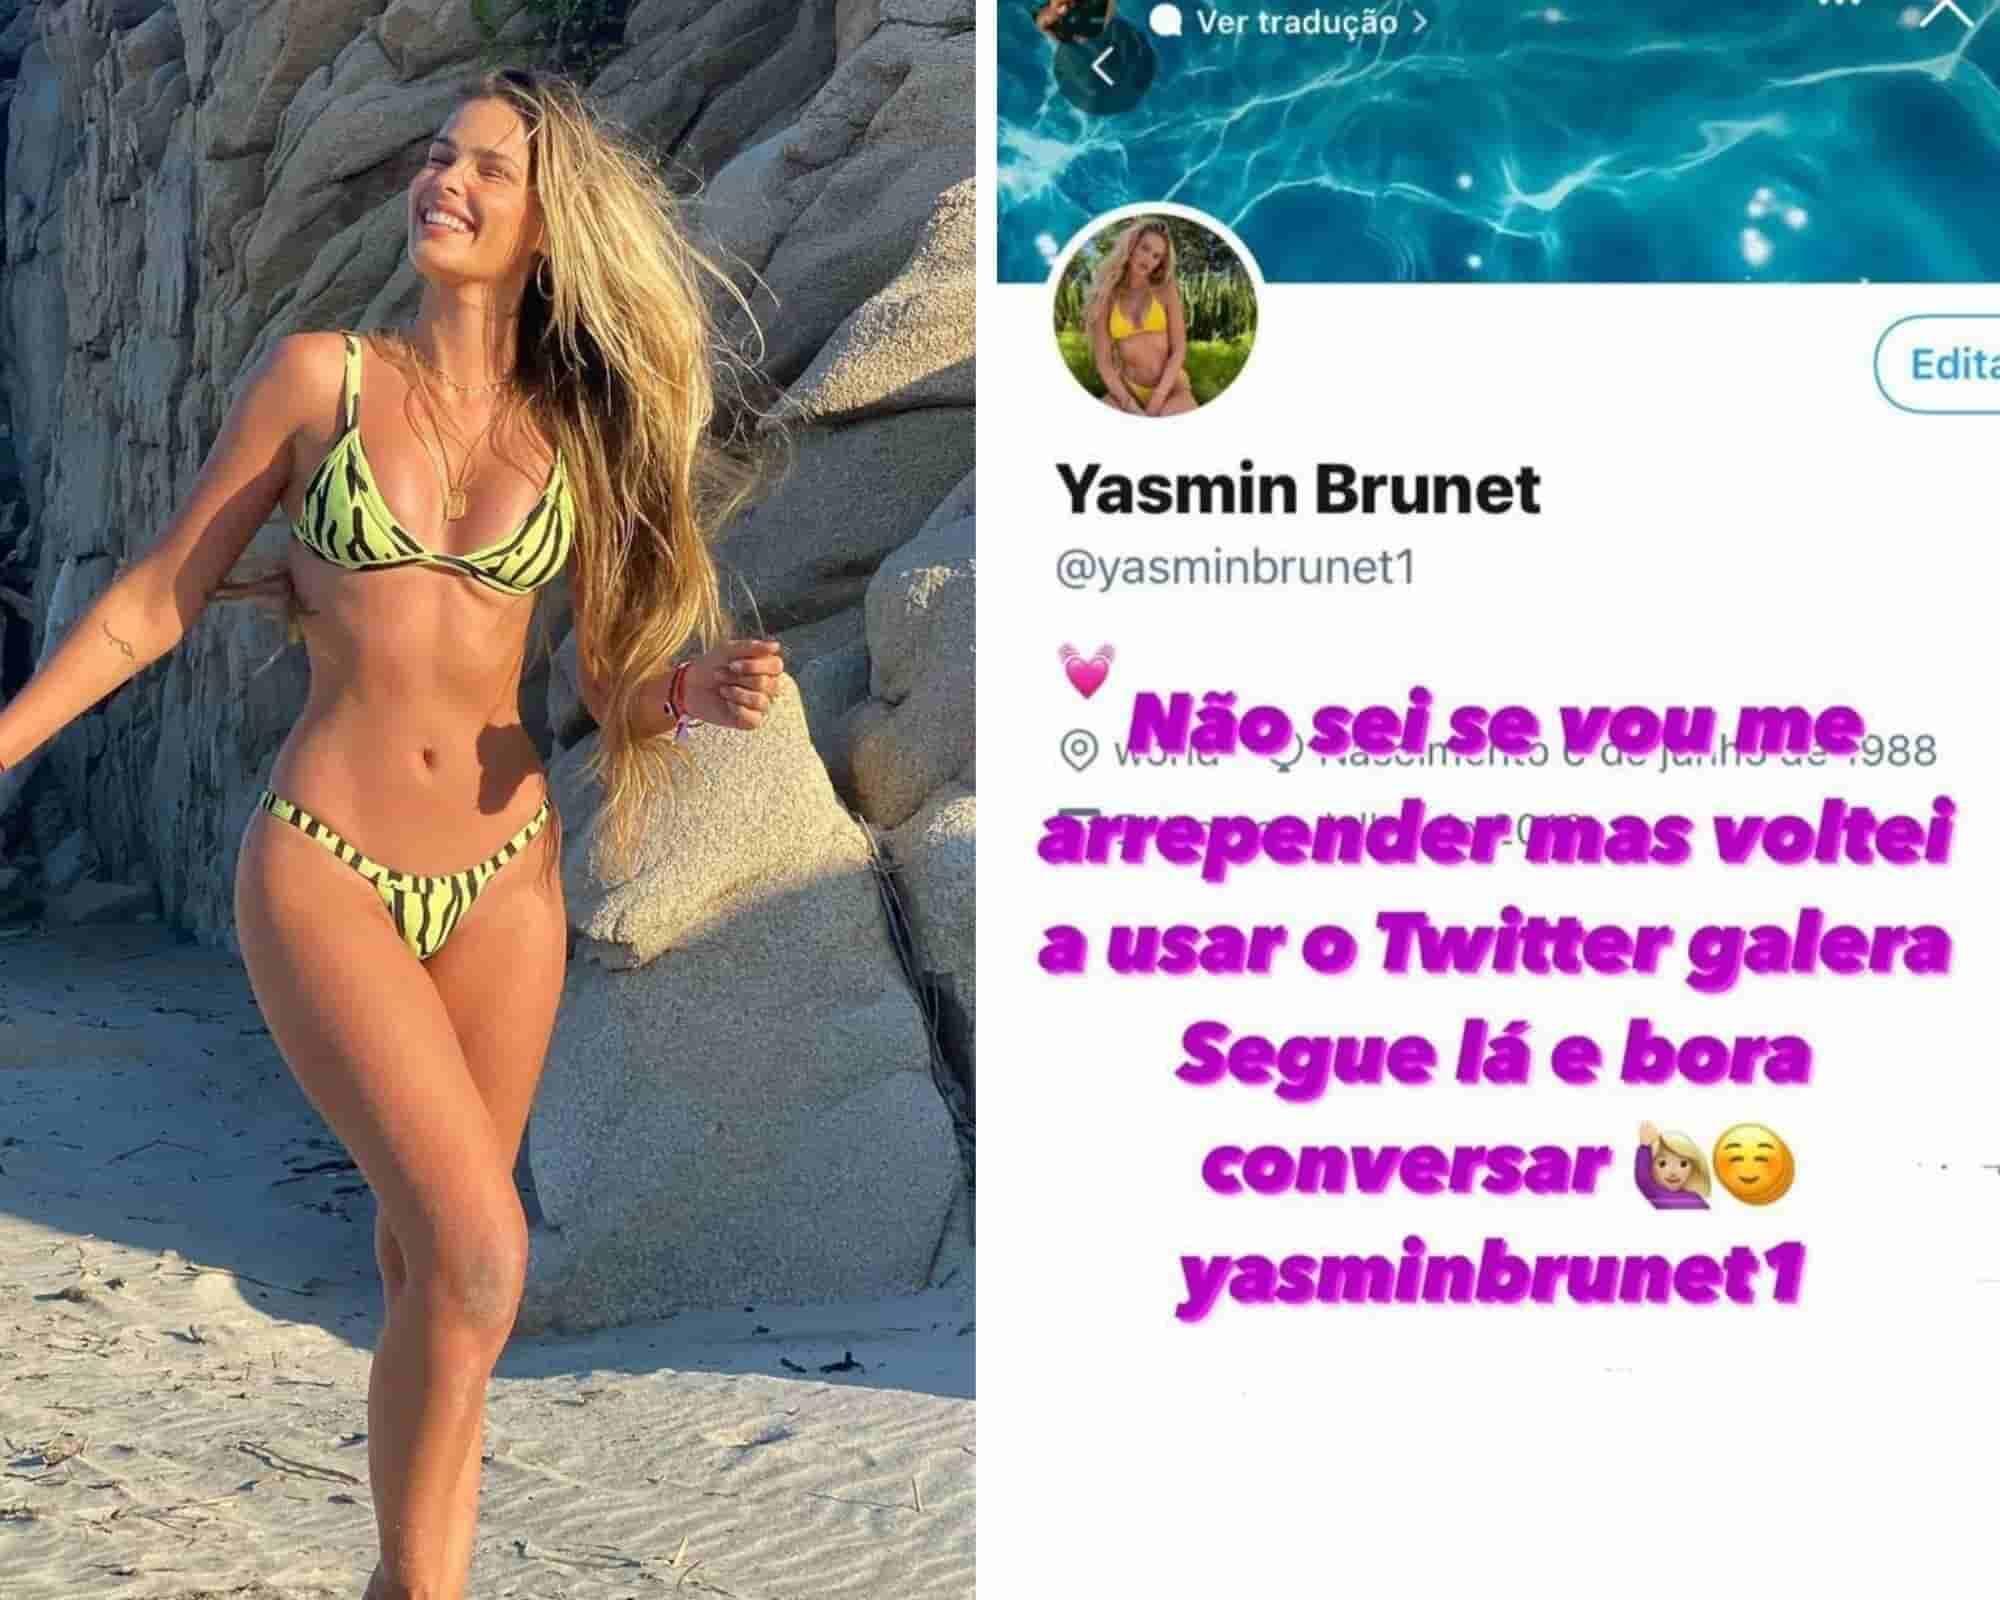 'Não sei se vou me arrepender', diz Yasmin Brunet após voltar ao Twitter (Foto: Reproduação/Instagram)